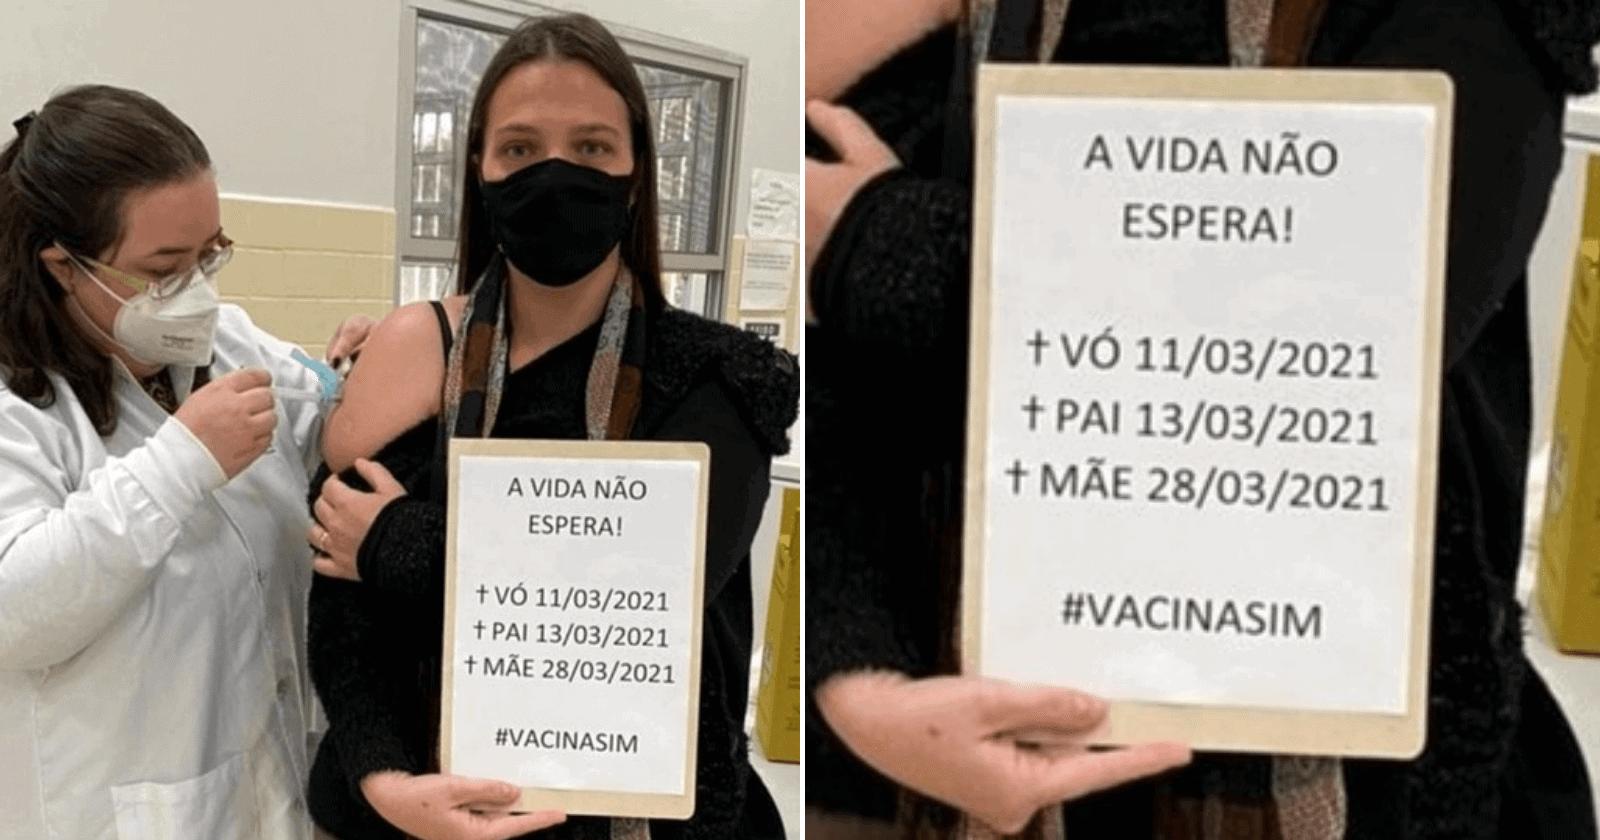 Mulher emociona fazendo homenagem impactante ao ser vacinada